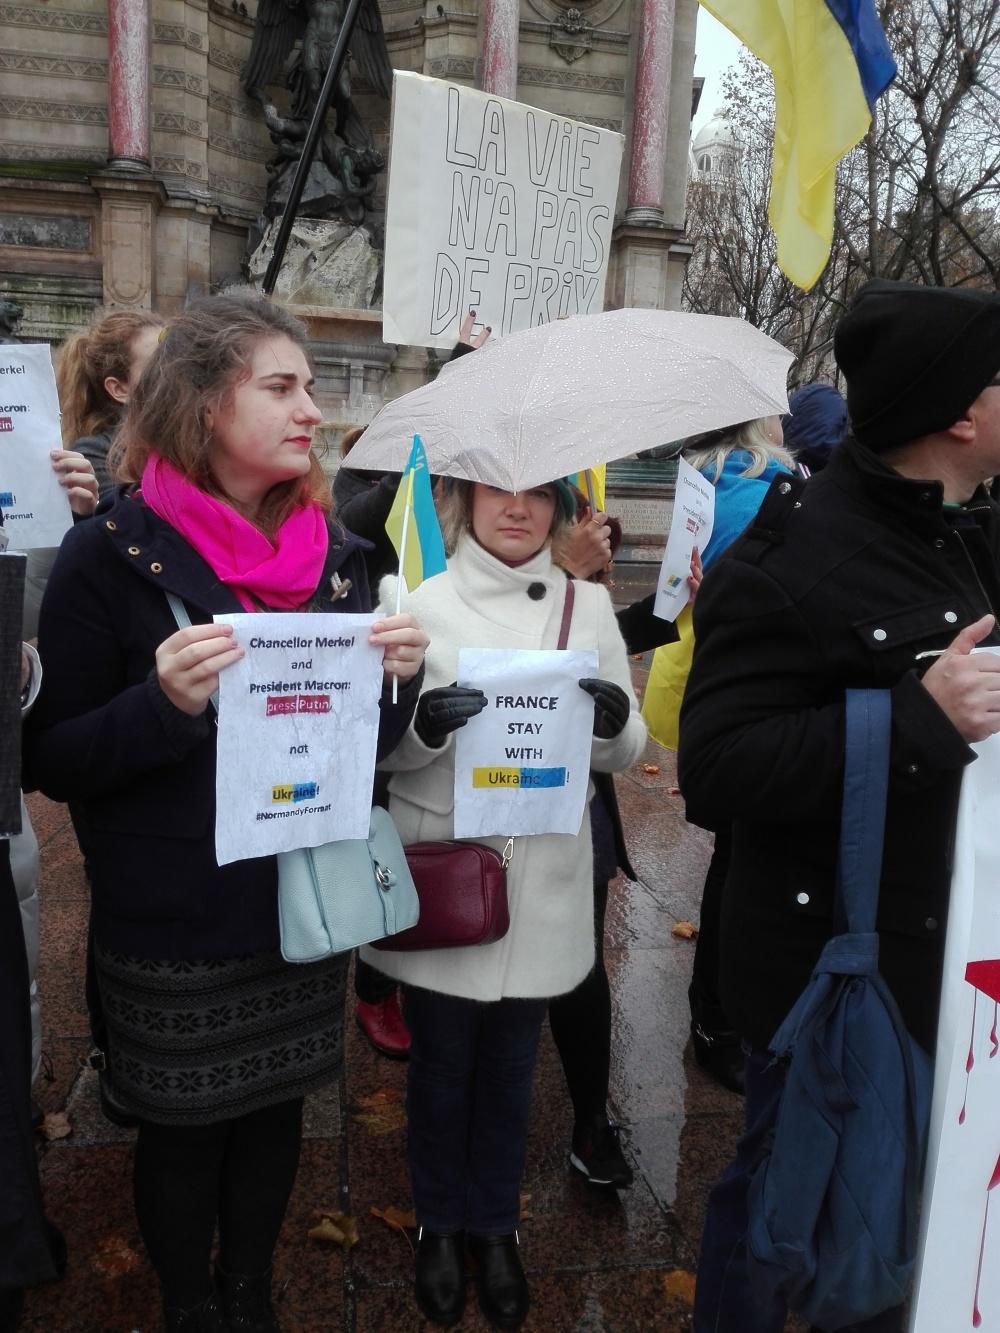 «Життя не має ціни» «Канцлерко Ангело і Преиденте Макроне, тисніть на Путіна, а не на Україну!», «Франціє, залишайся з Україною!» Формат Нормандії